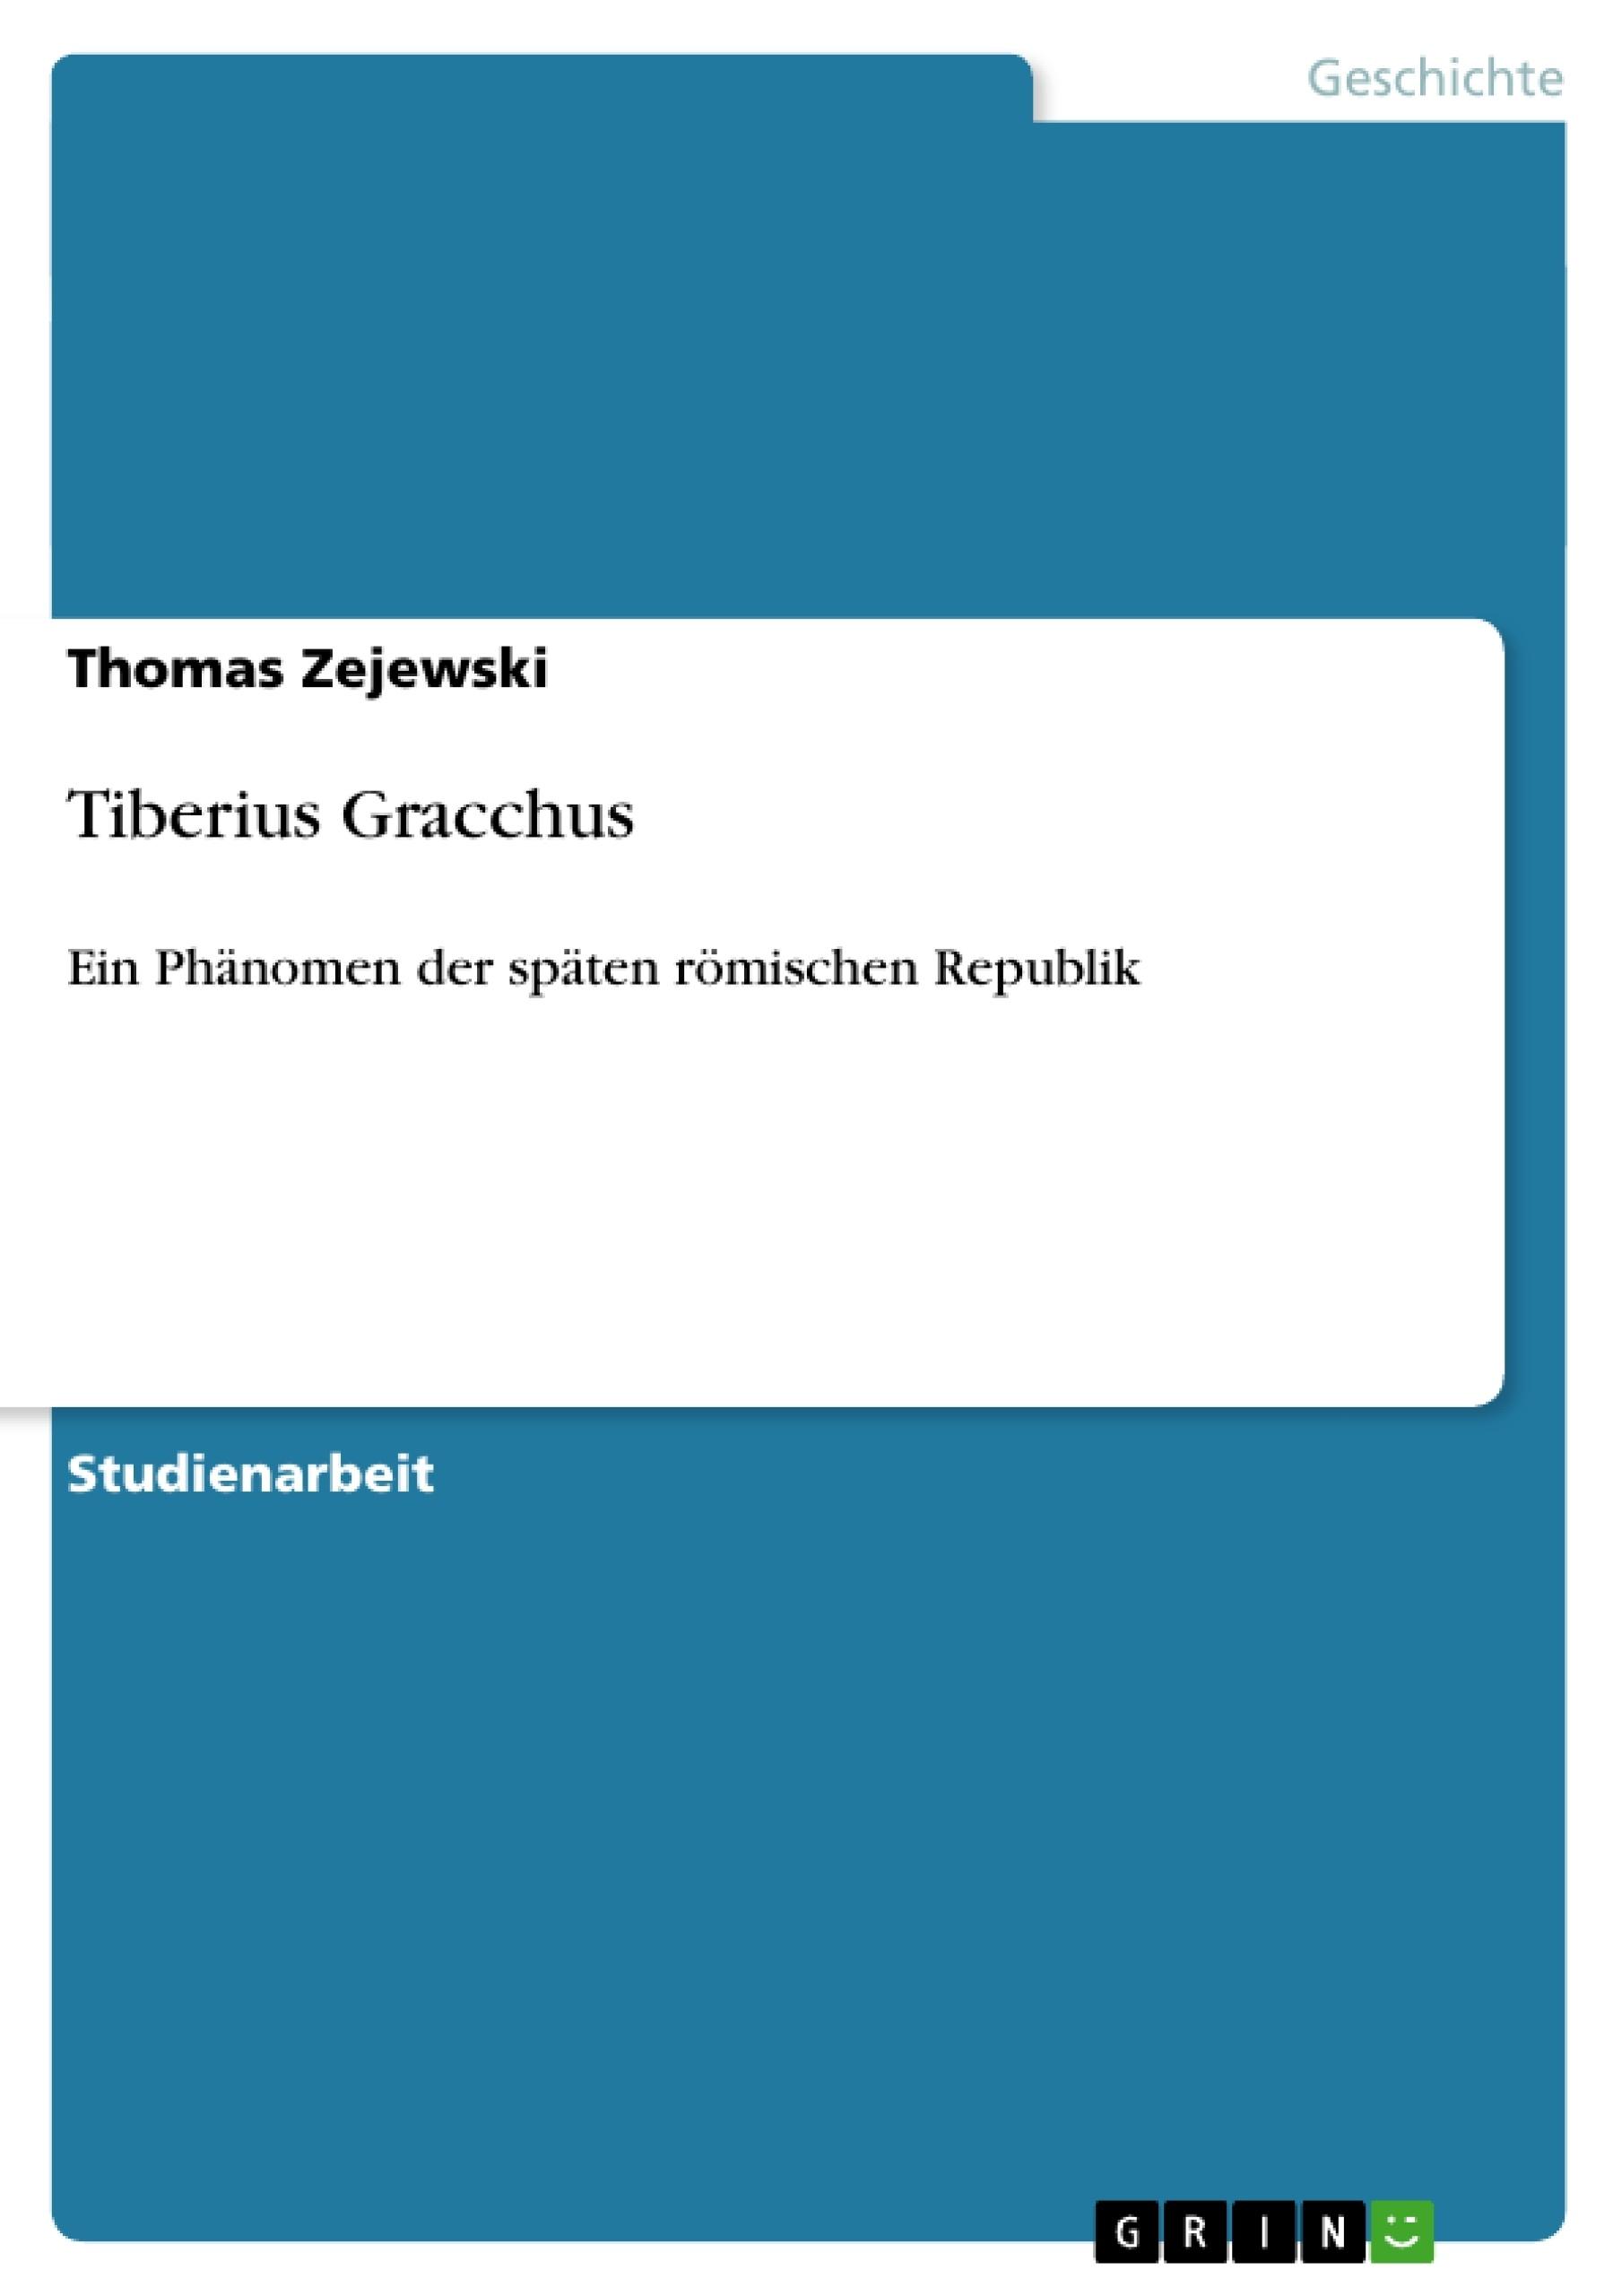 Titel: Tiberius Gracchus